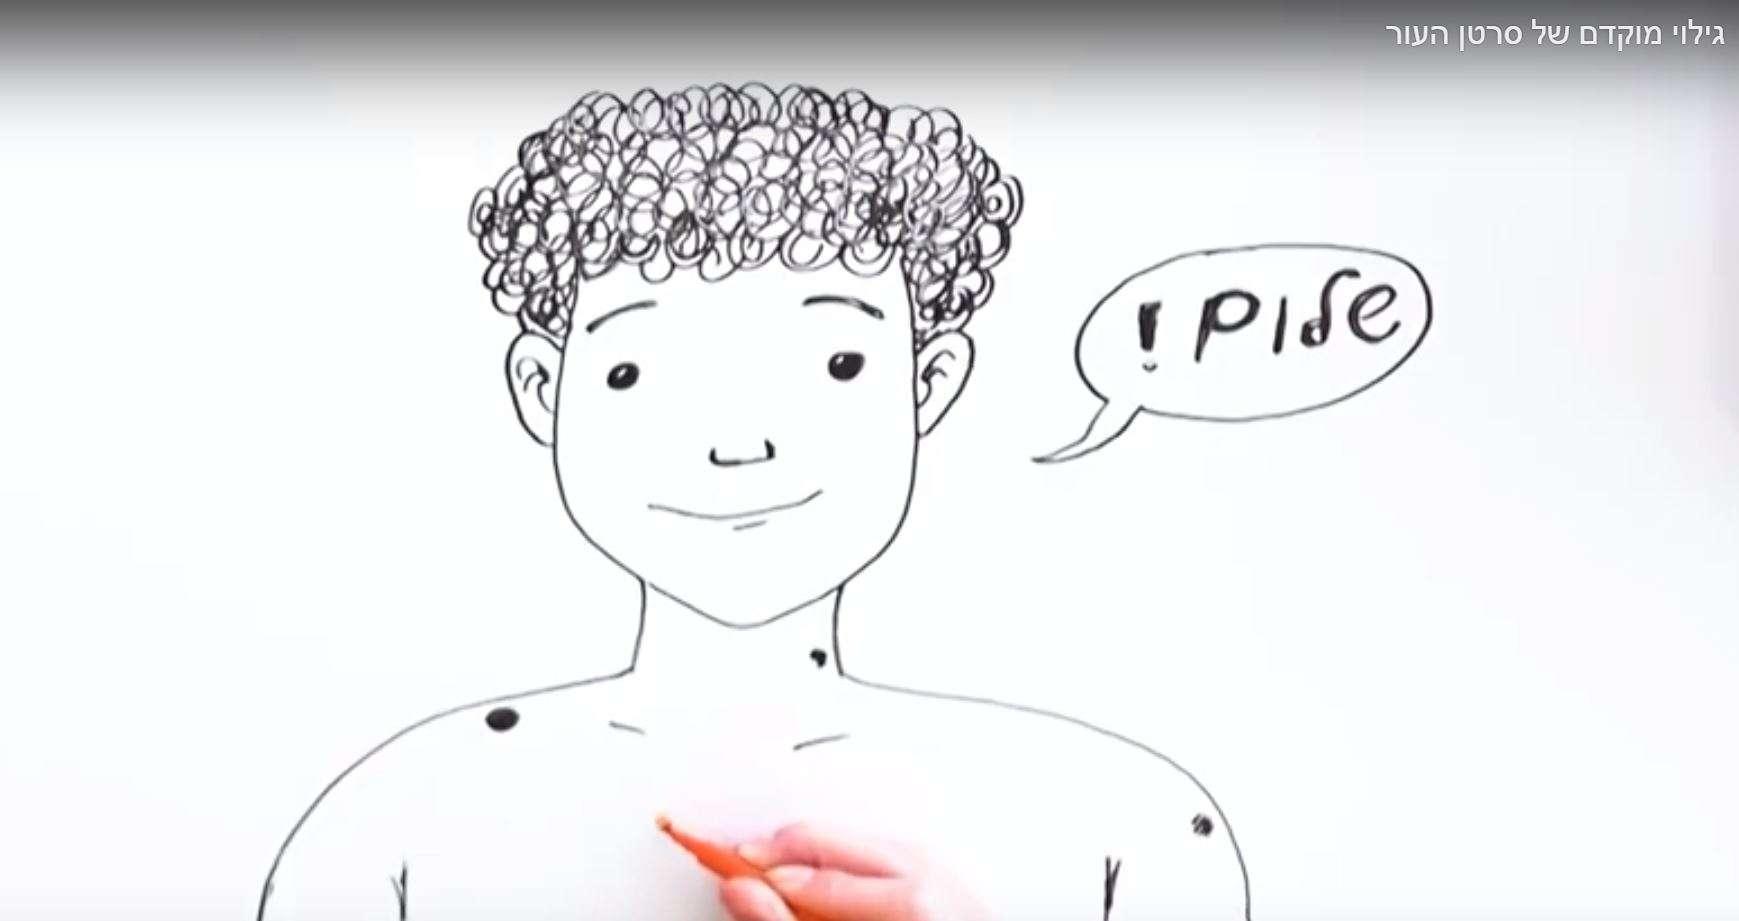 גילוי מוקדם של סרטן העור – סירטון